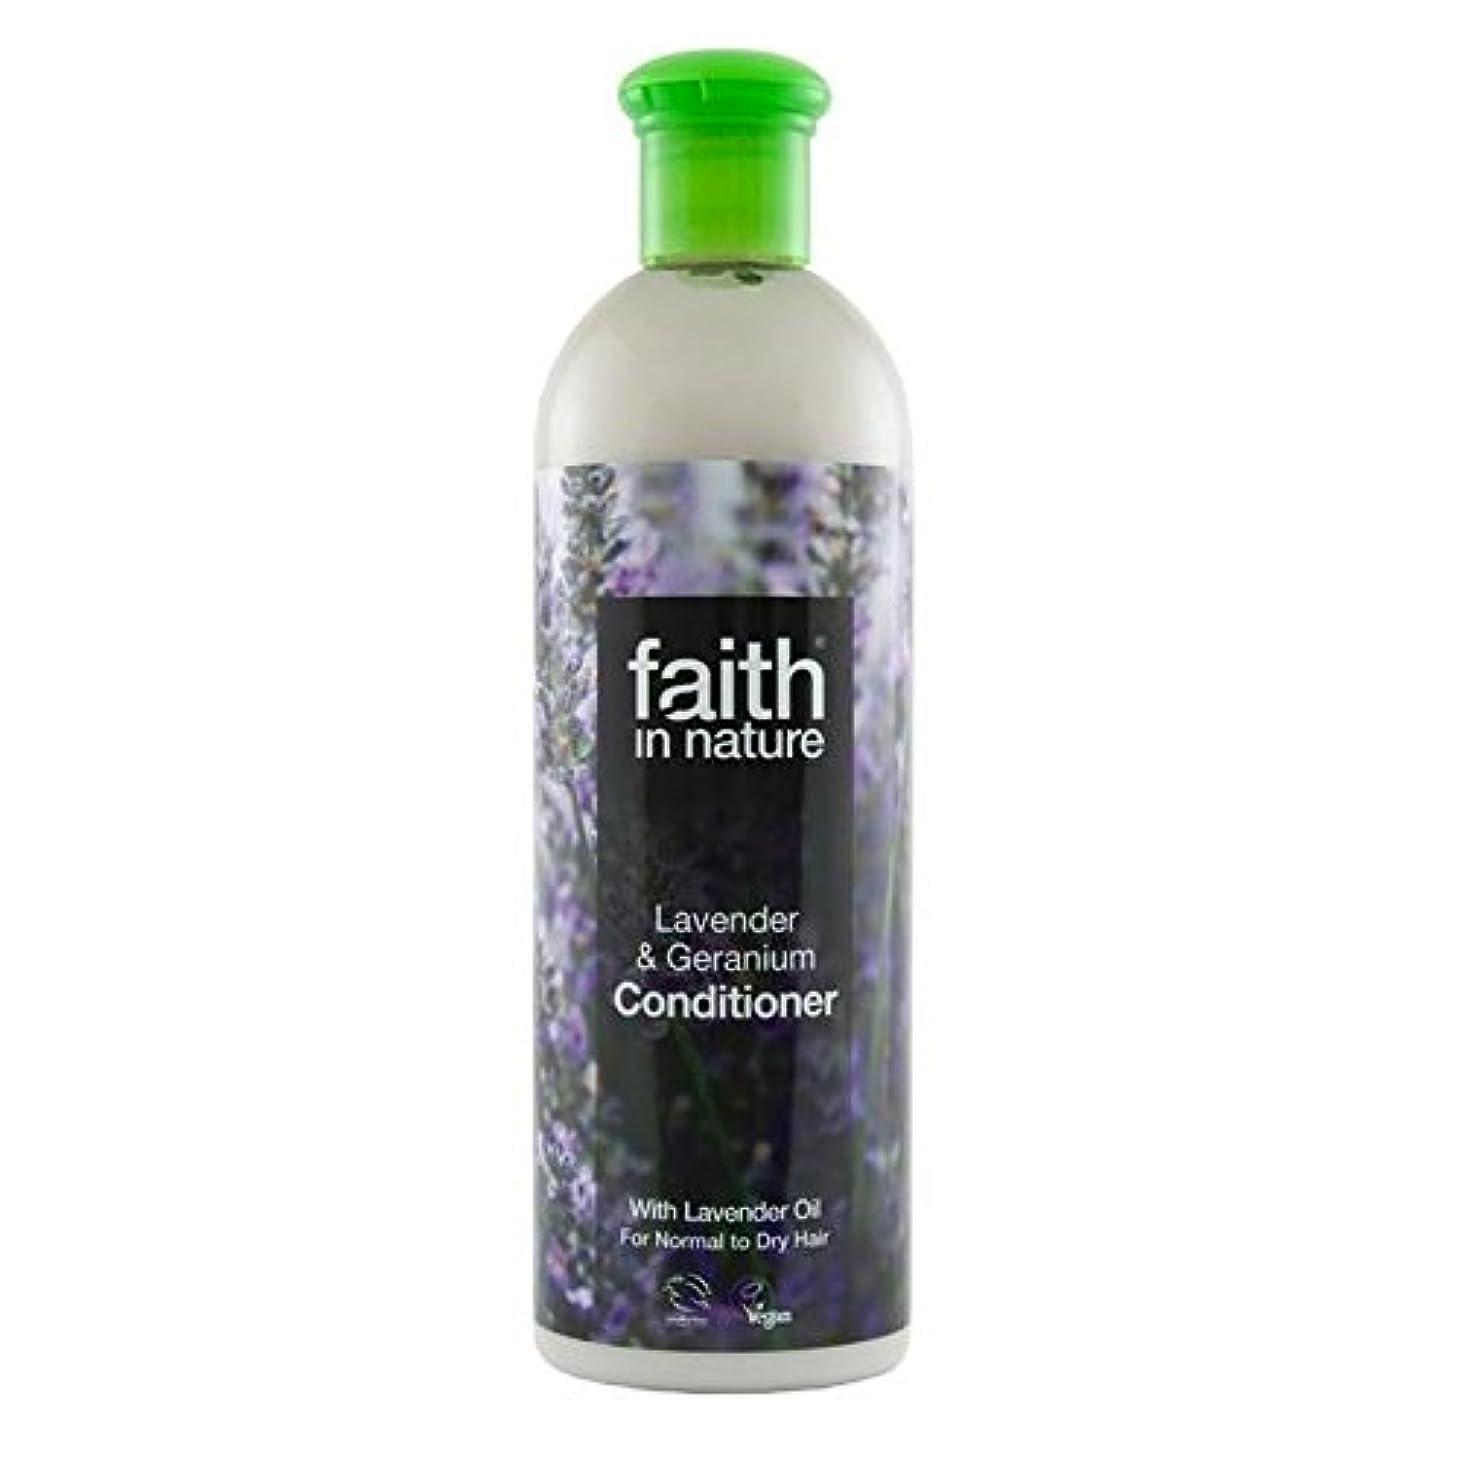 マリナーラウンジ教えるFaith in Nature Lavender & Geranium Conditioner 400ml (Pack of 2) - (Faith In Nature) 自然ラベンダー&ゼラニウムコンディショナー400...